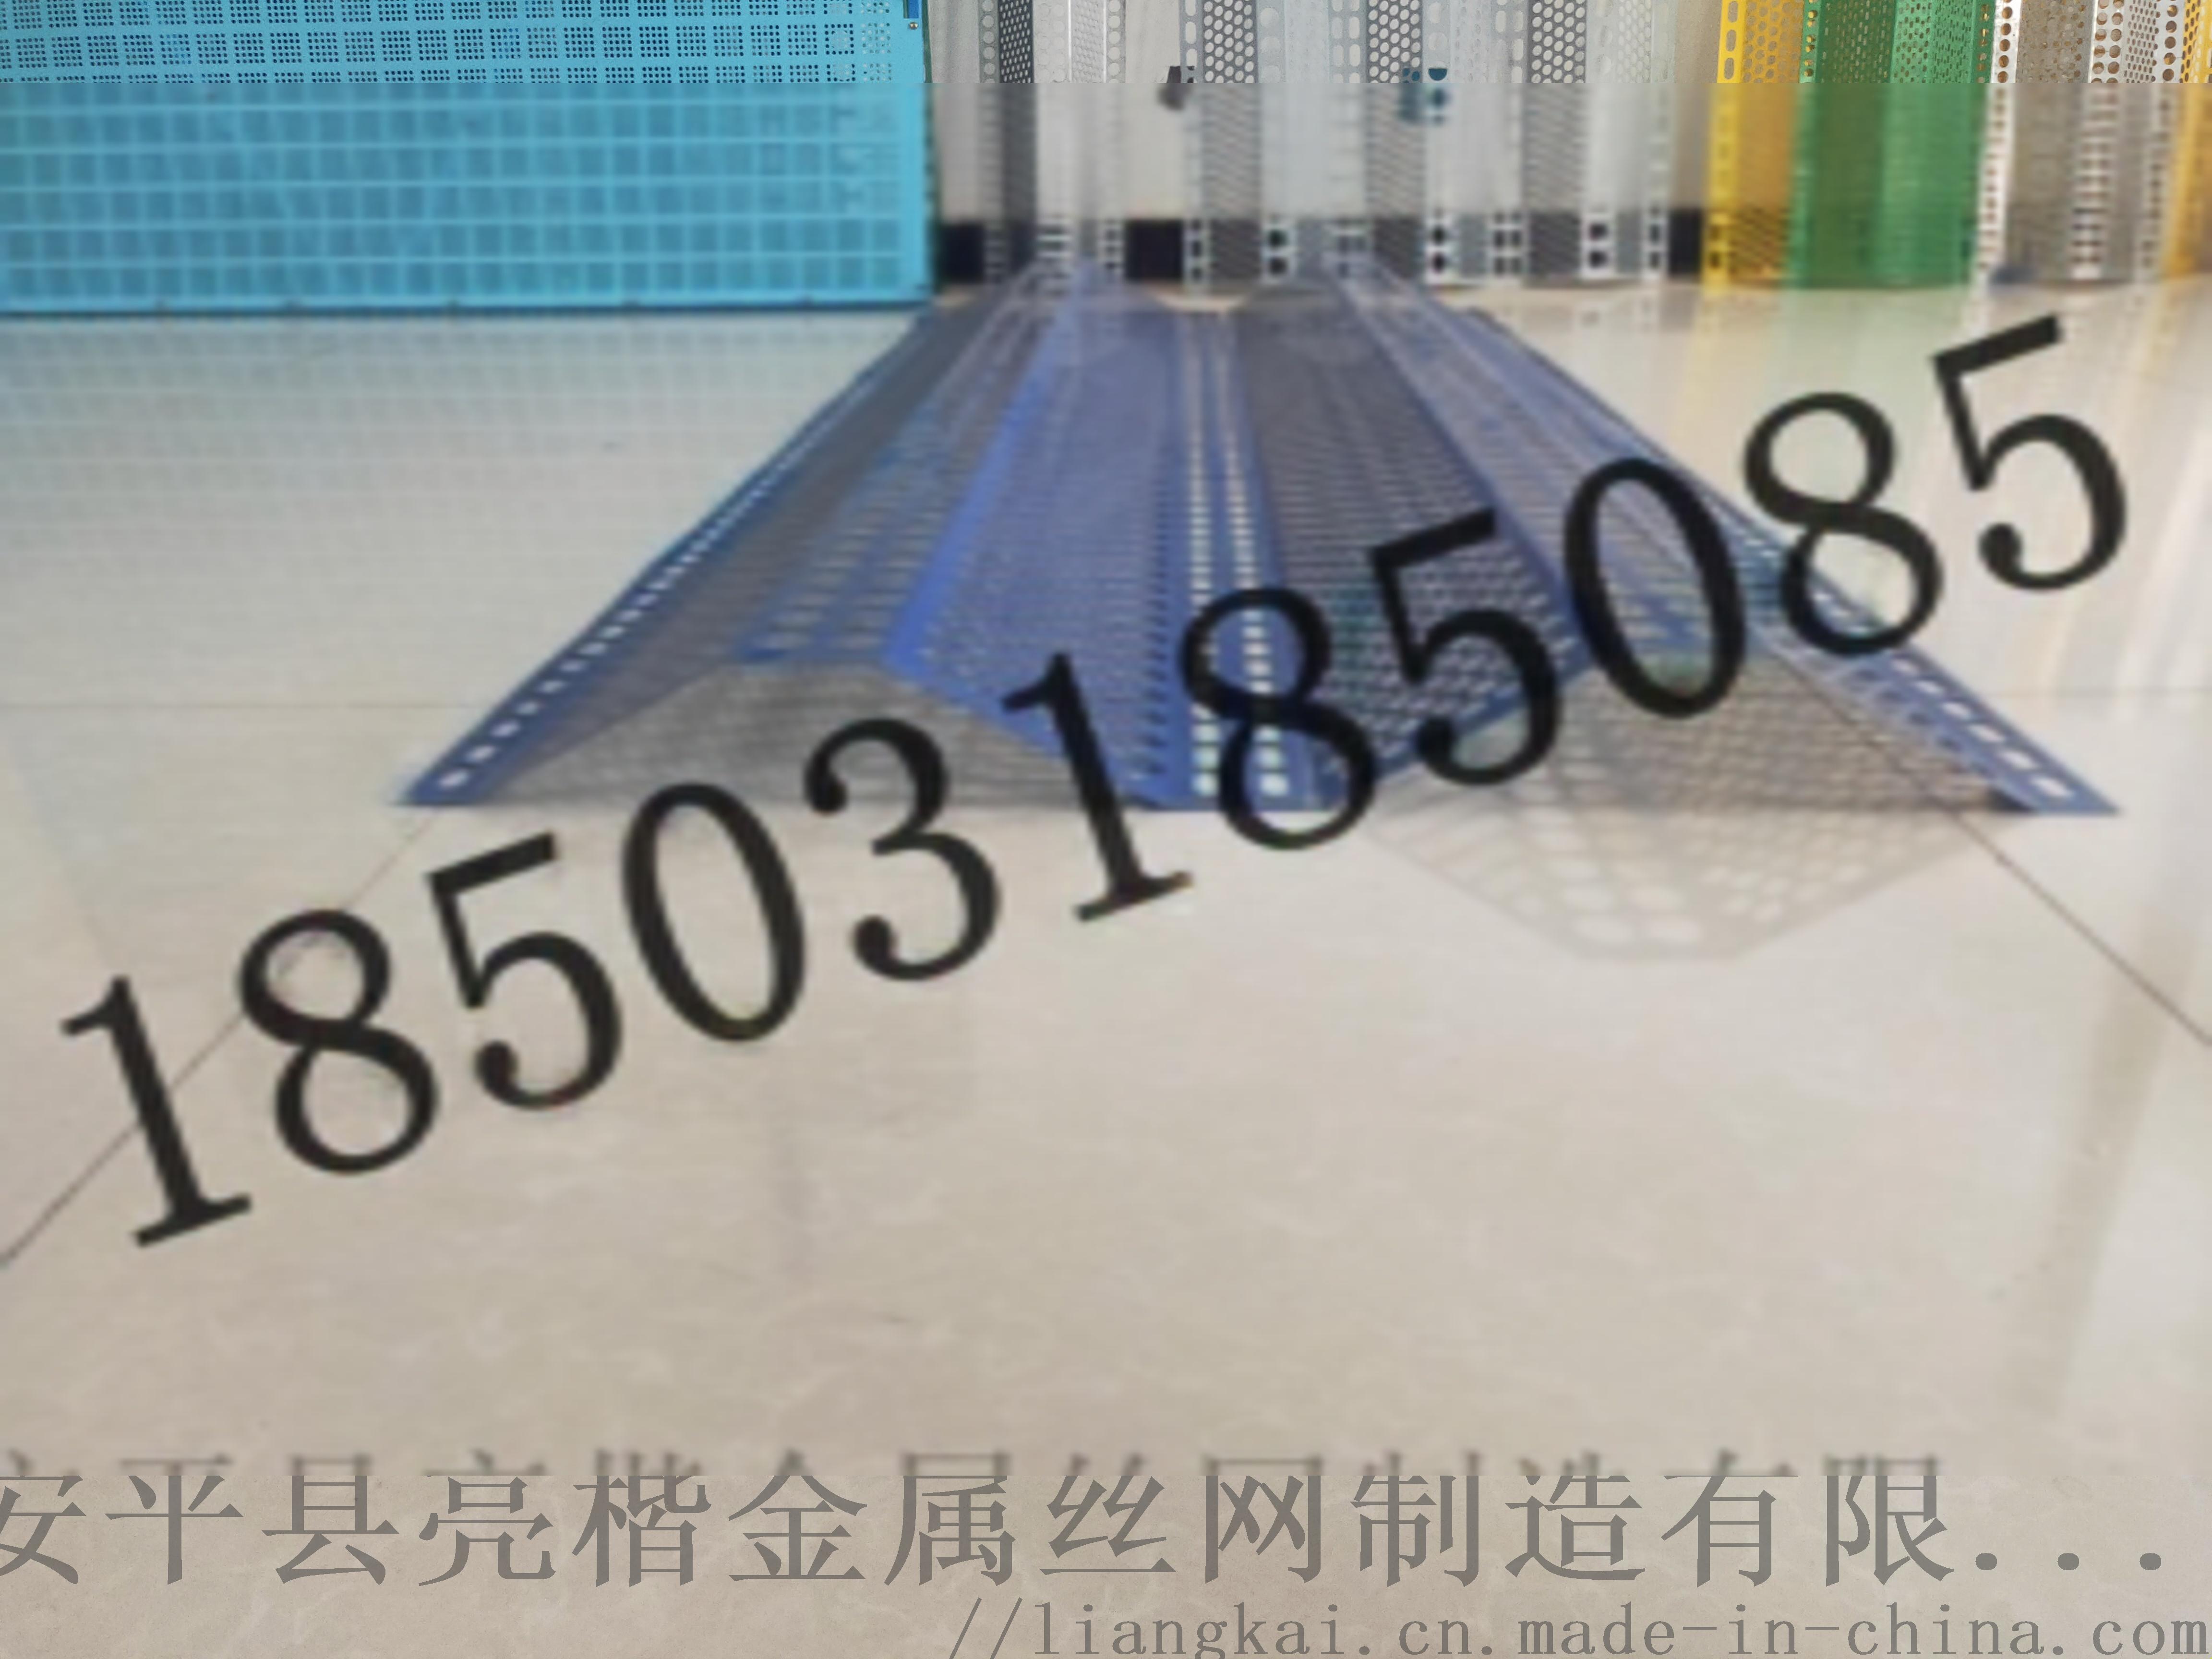 藍色雙峯正面 (2).jpg